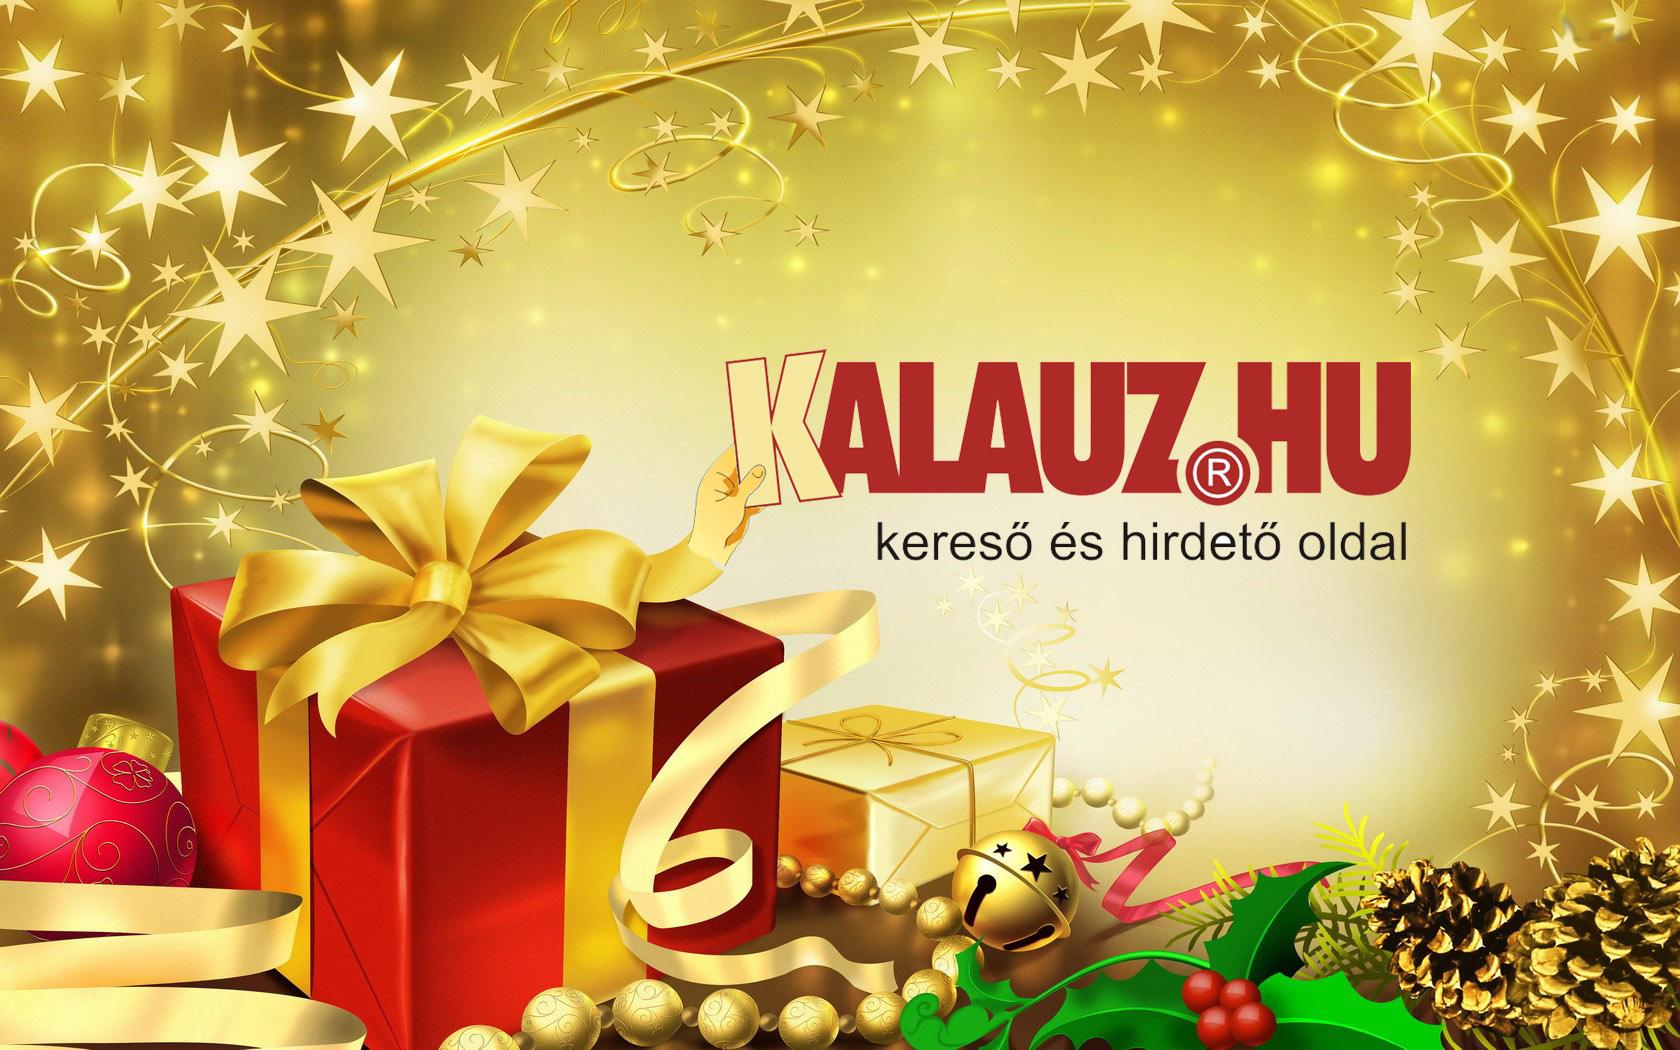 karacsony-kalauz-hu-2012_masolata_1356885766.jpg_1680x1050